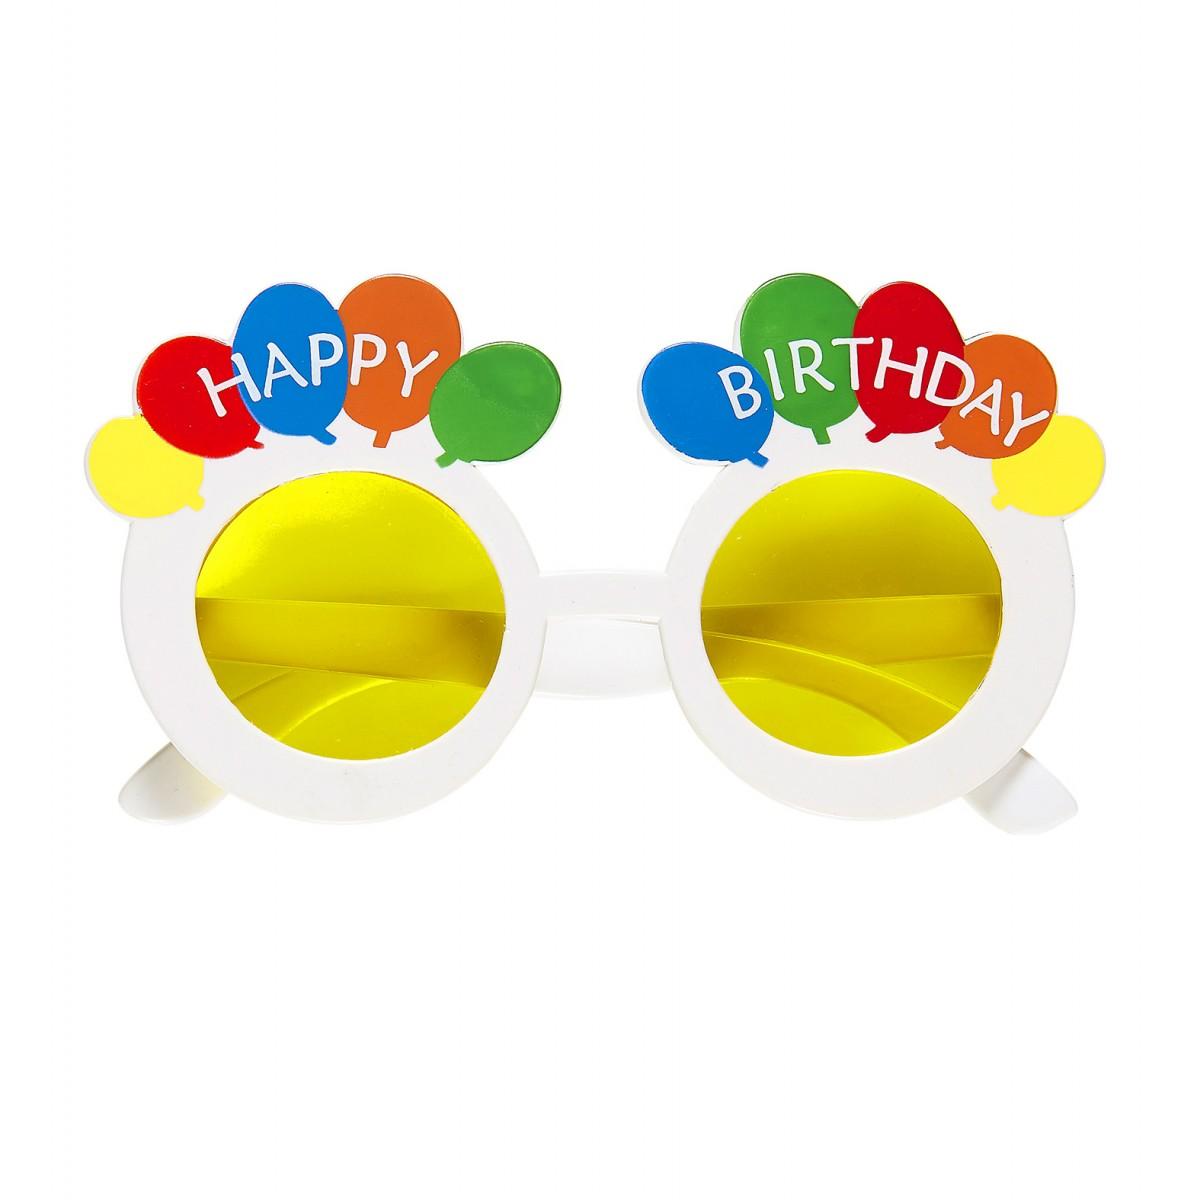 Occhiali happy birthday balloons